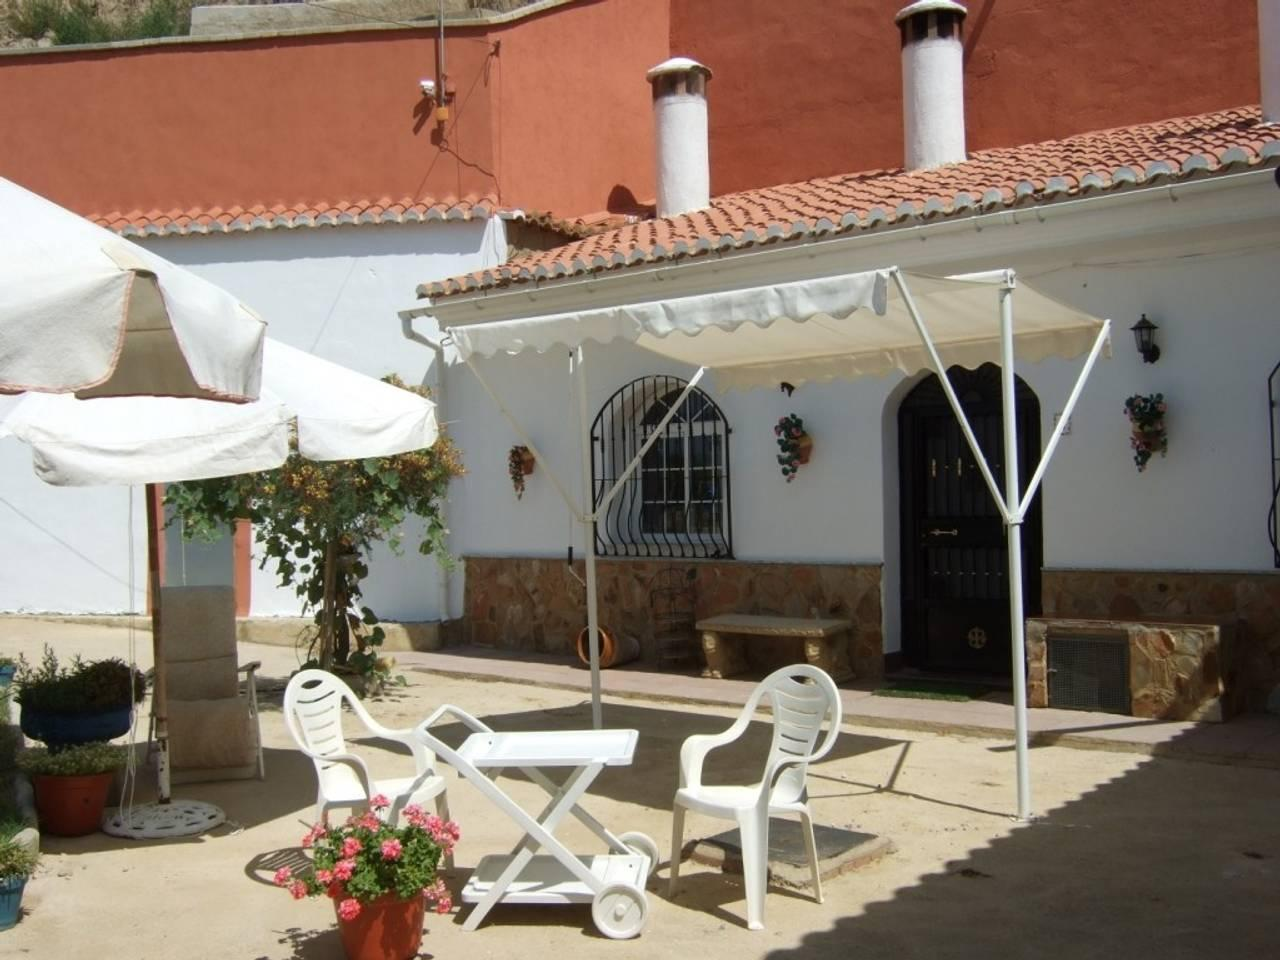 Alquiler vacaciones en Purullena, Granada